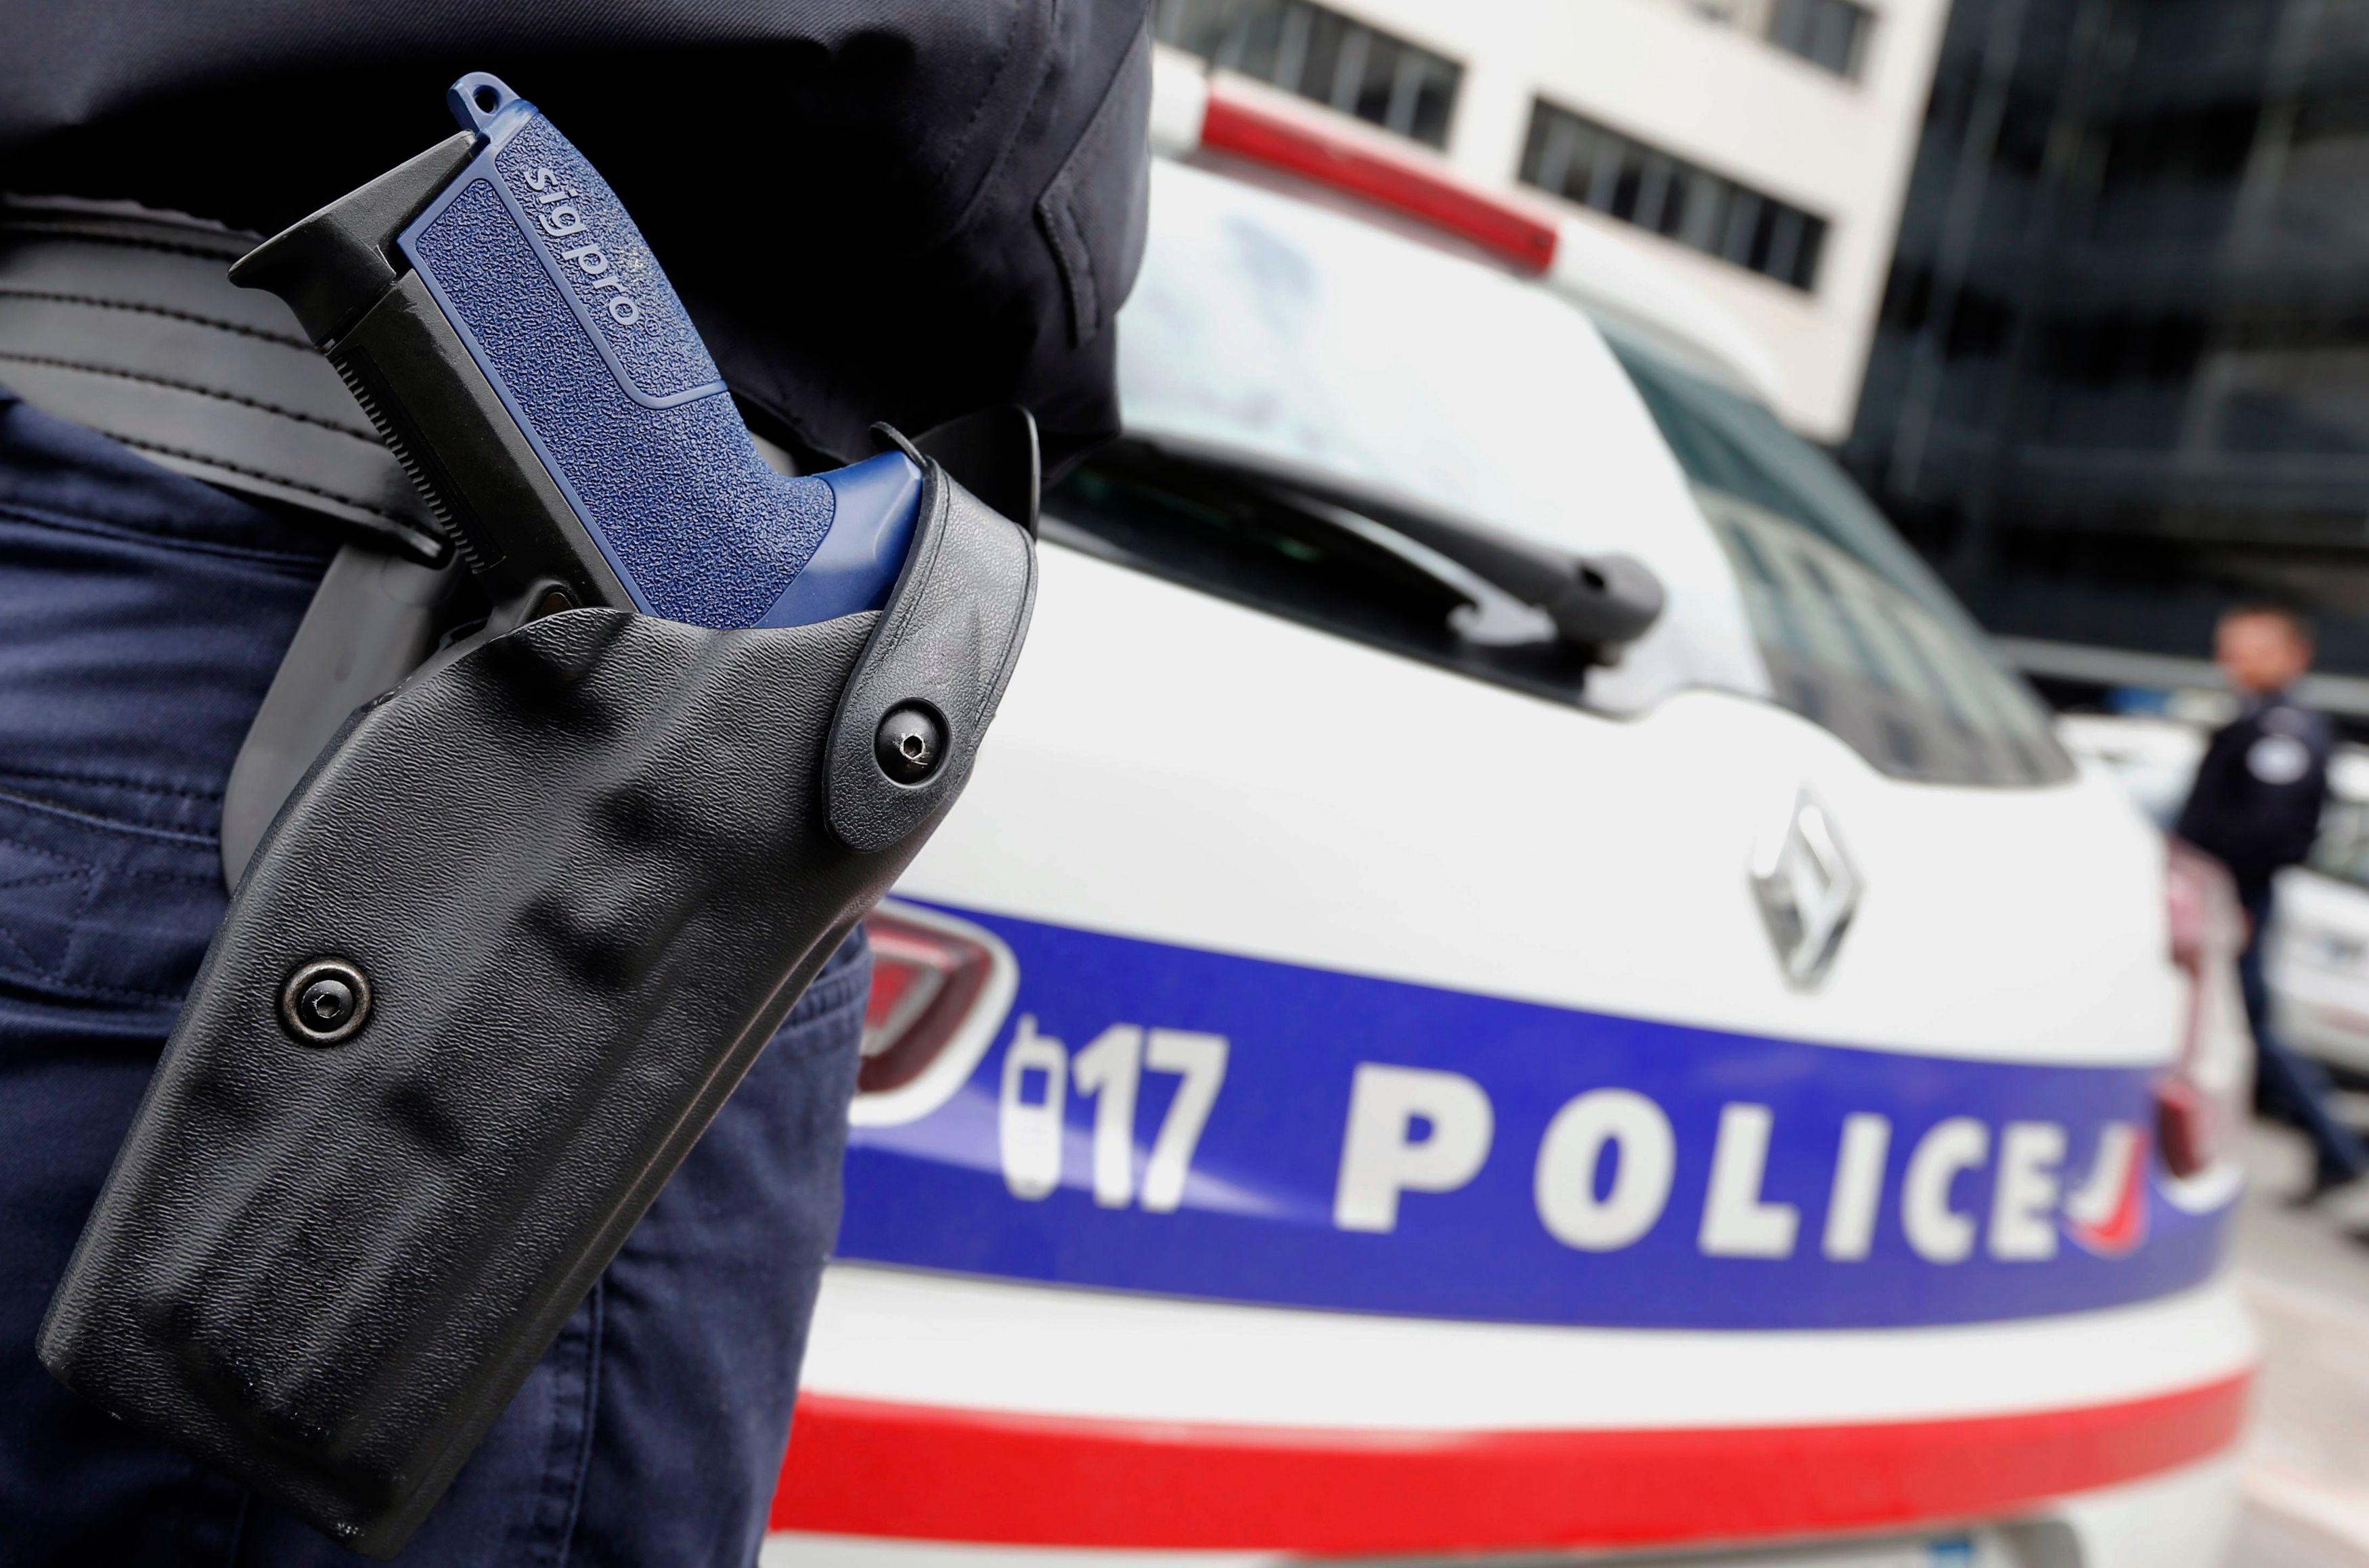 Juvisy-sur-Orge : un quartier saccagé par une bande armée lors d'un règlement de compte